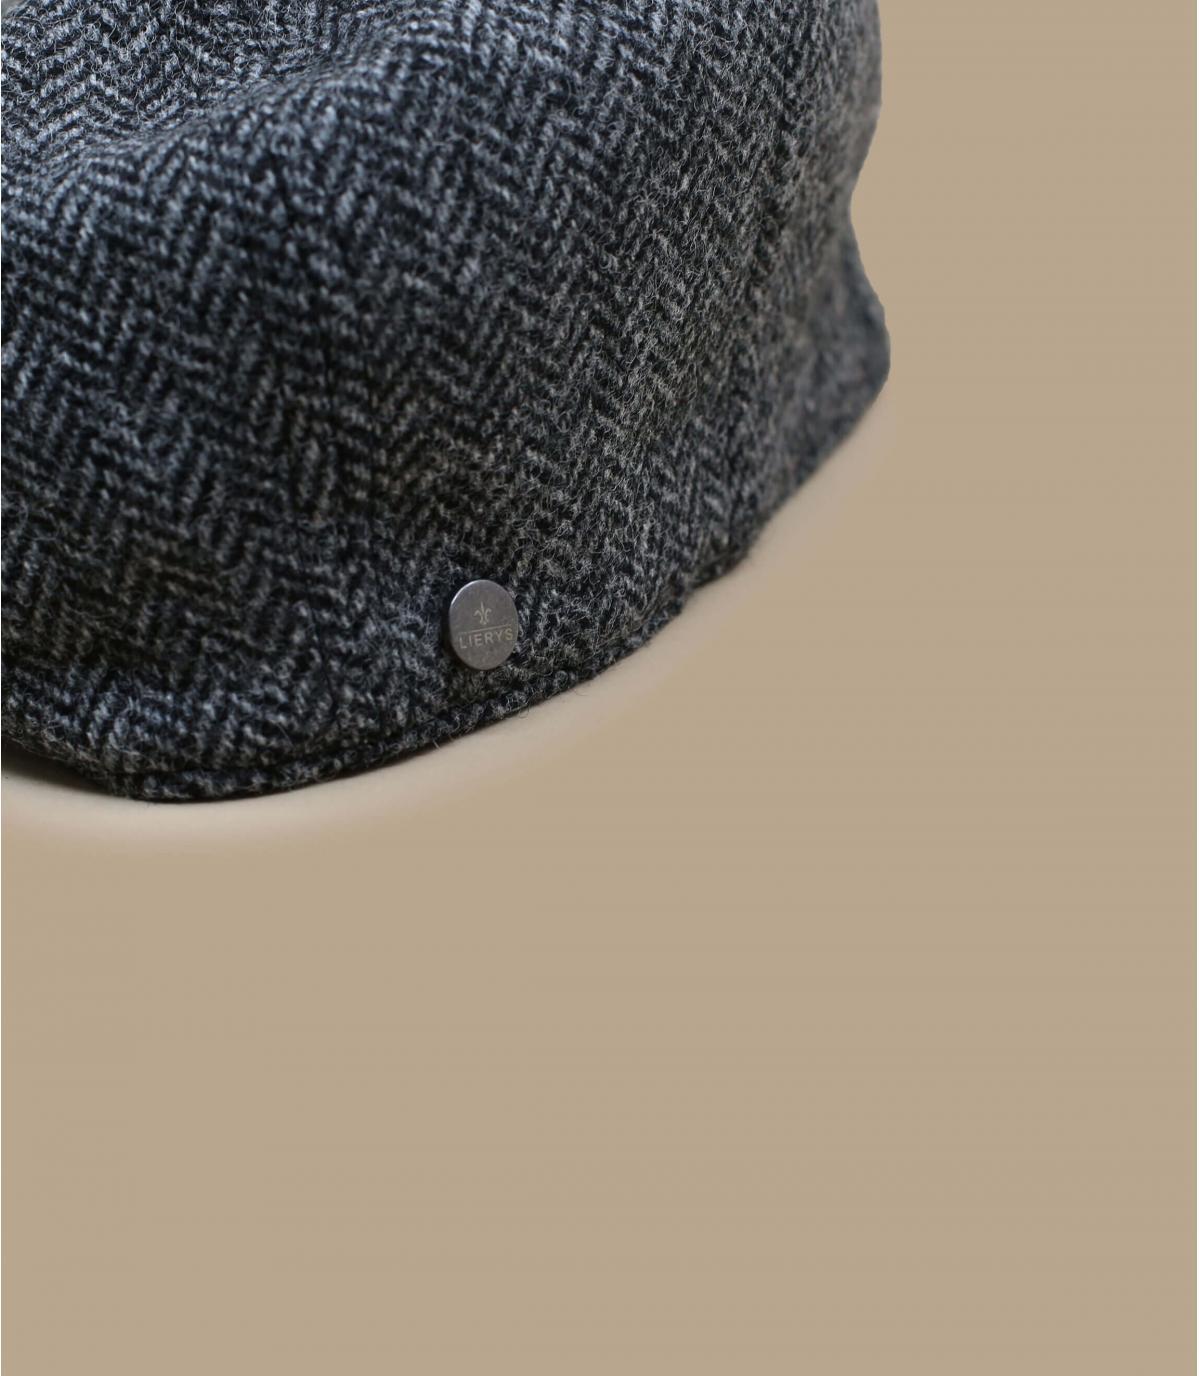 béret gavroche gris laine